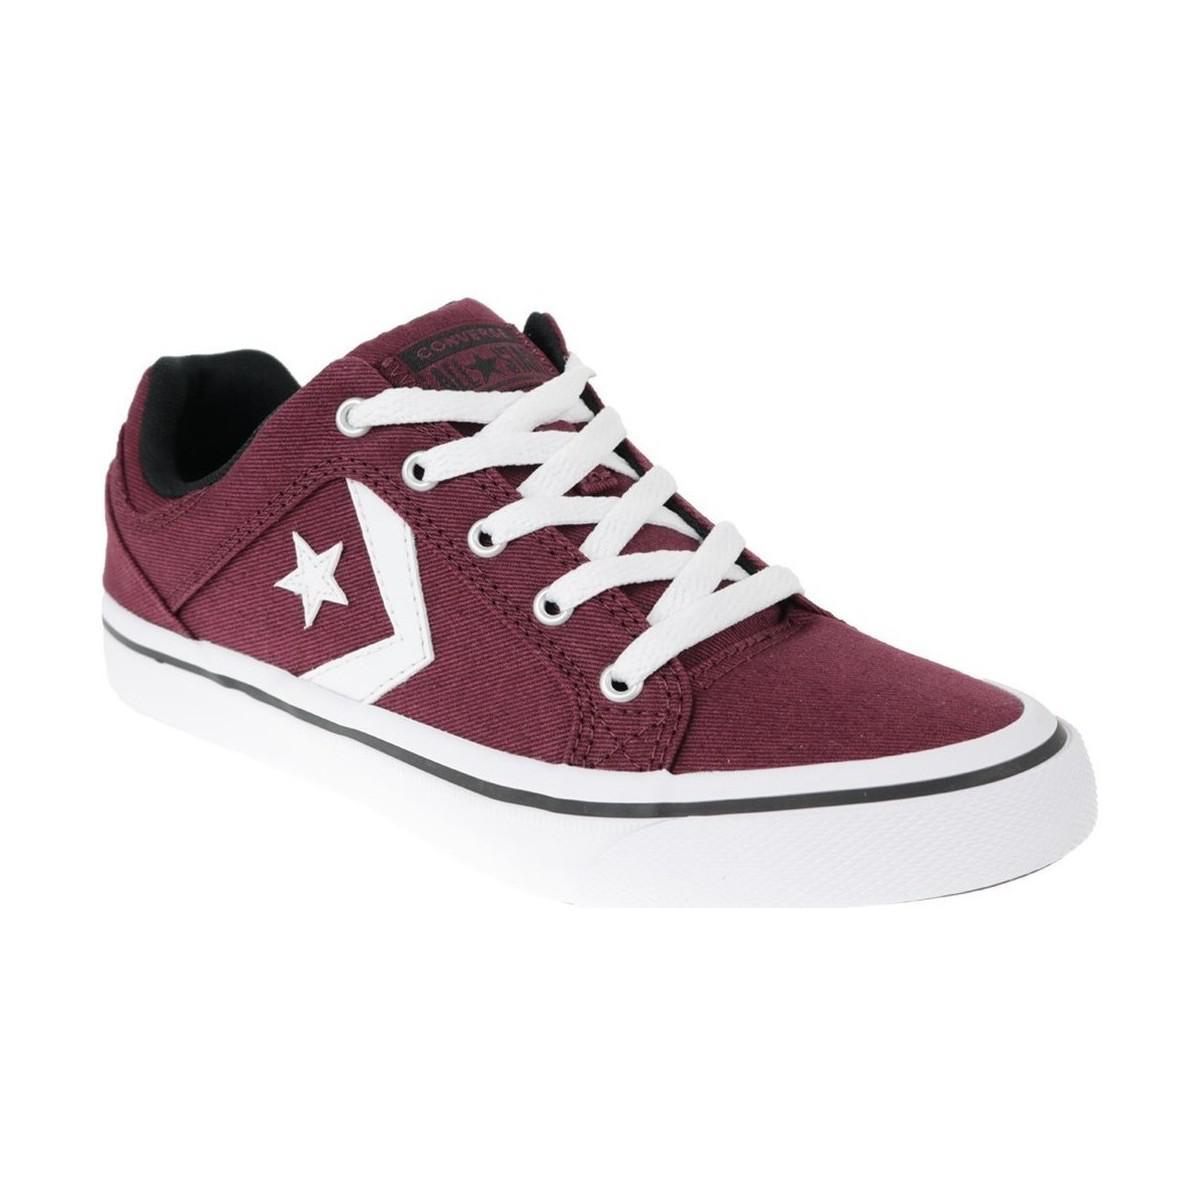 Converse Women's El El Shoes Distrito Women's Shoes Distrito Converse qSw1ftSx